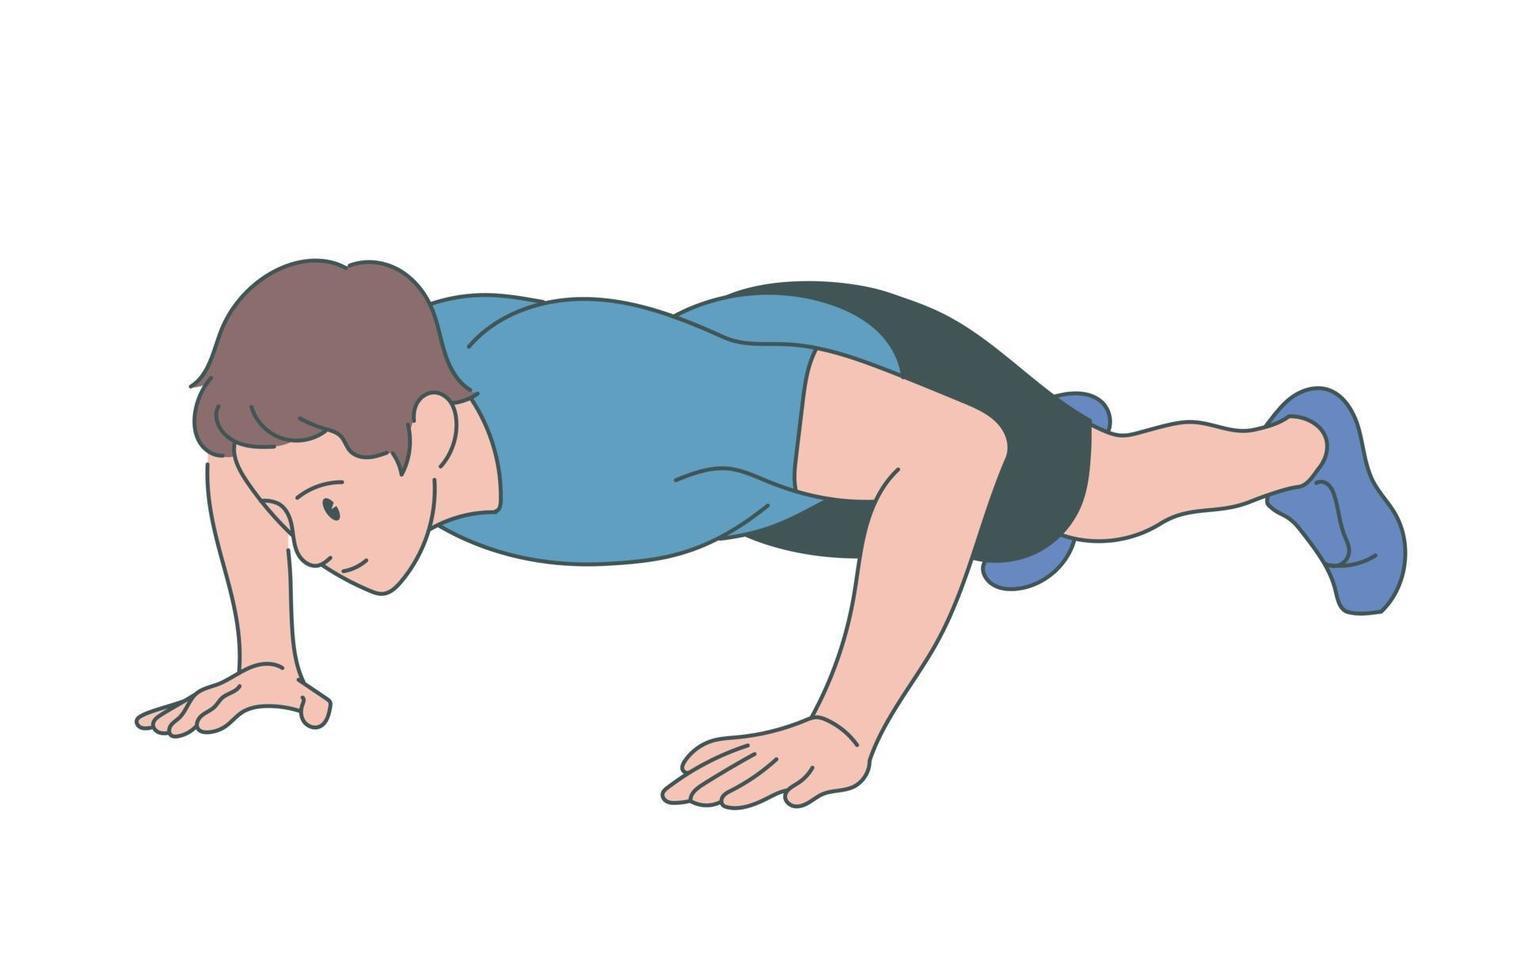 en man gör en push-up. handritade stilvektordesignillustrationer. vektor